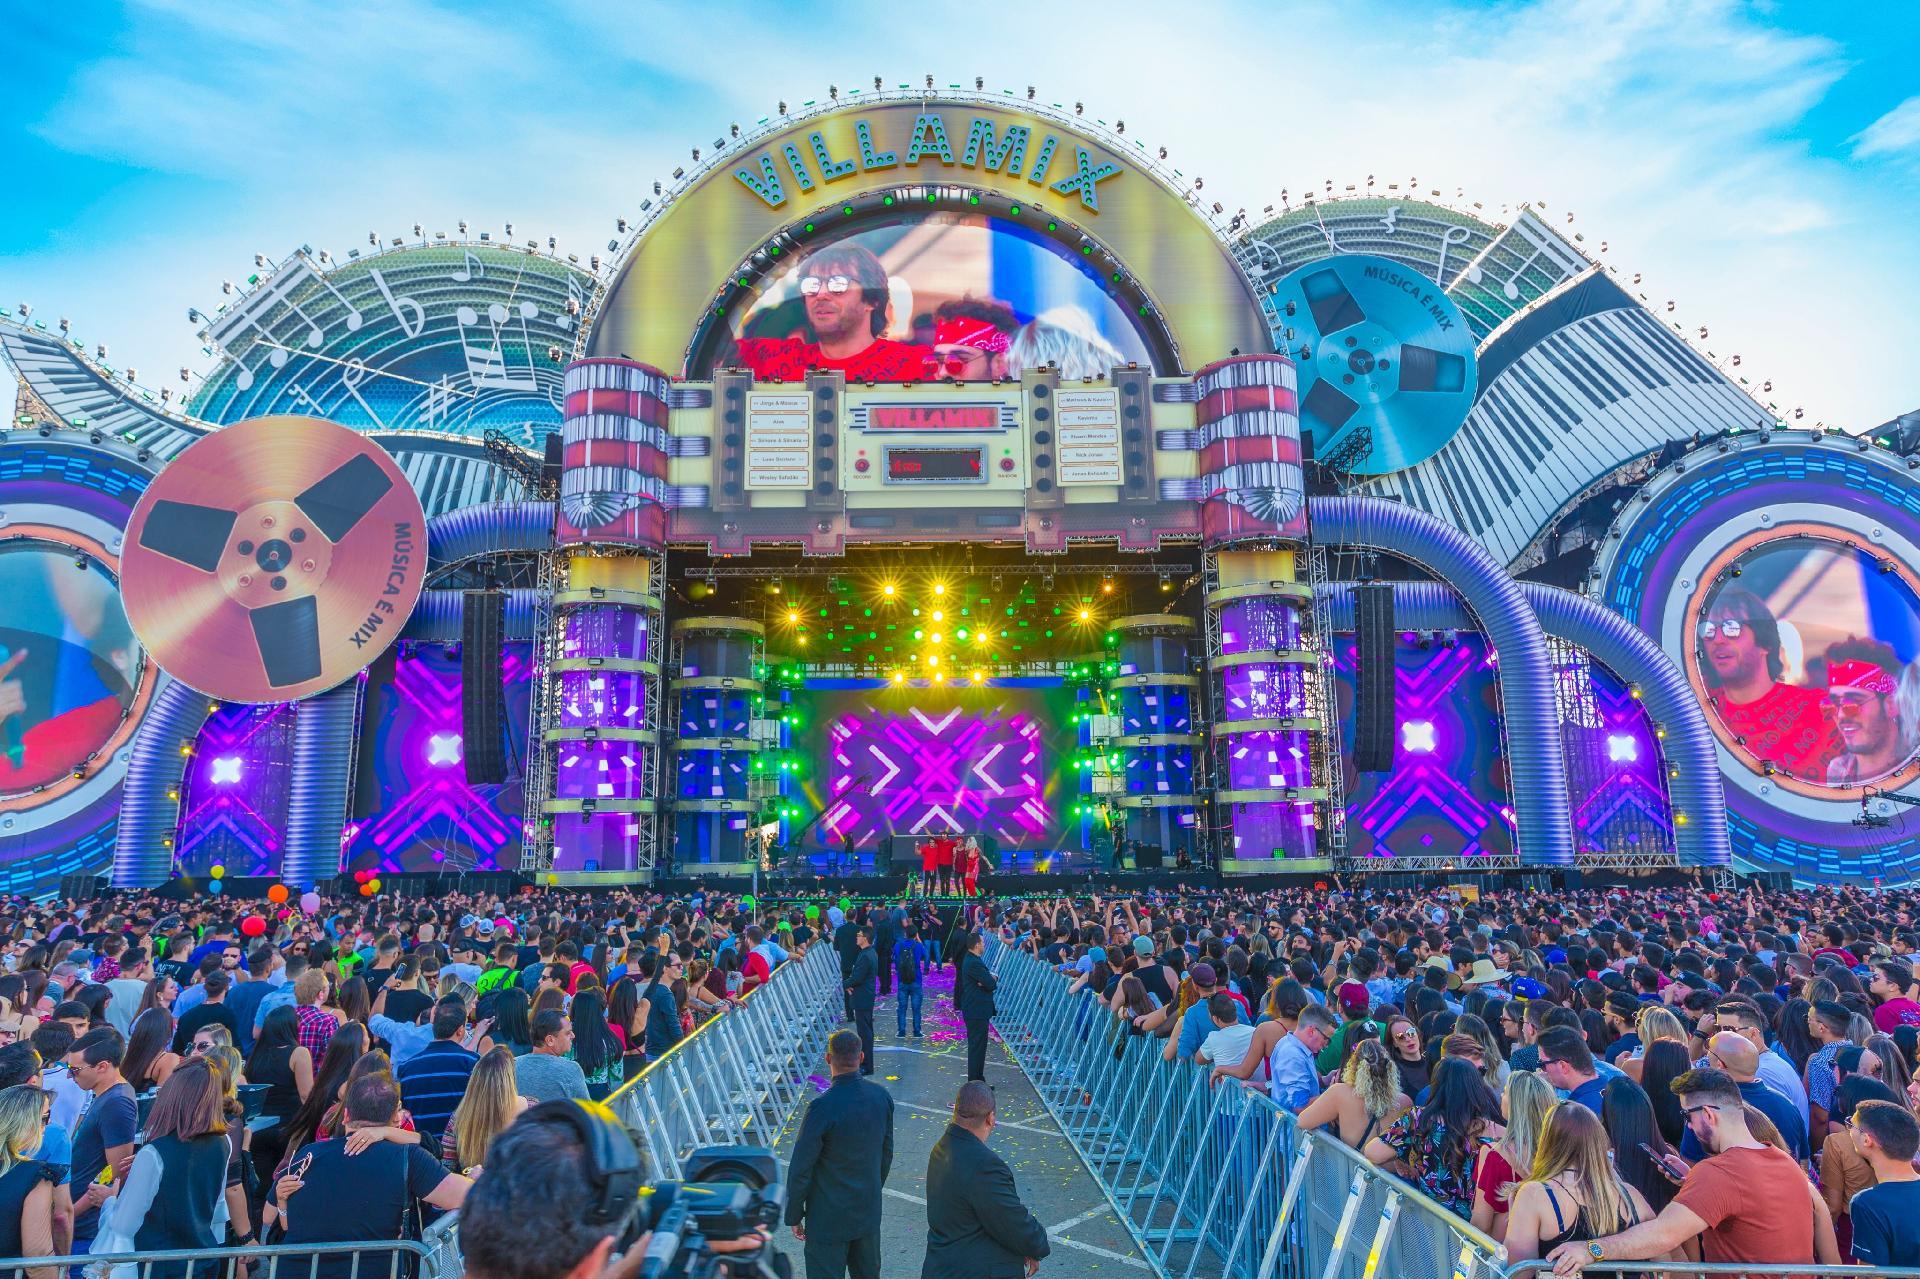 VillaMix vai transmitir os melhores shows da história do festival em live neste domingo (5)